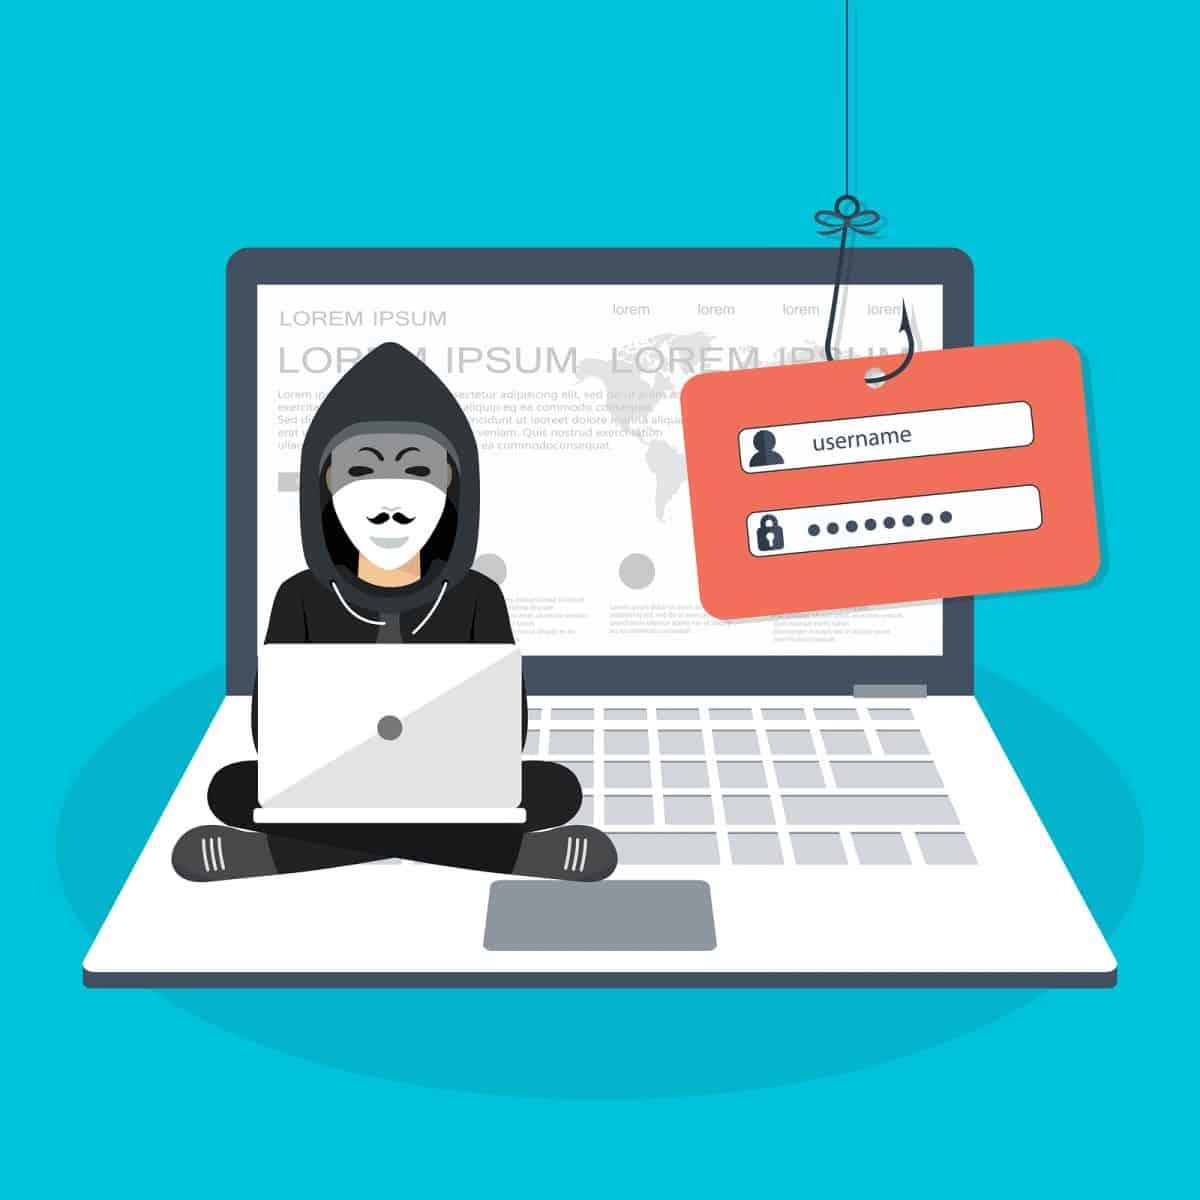 Hacking phishing attack